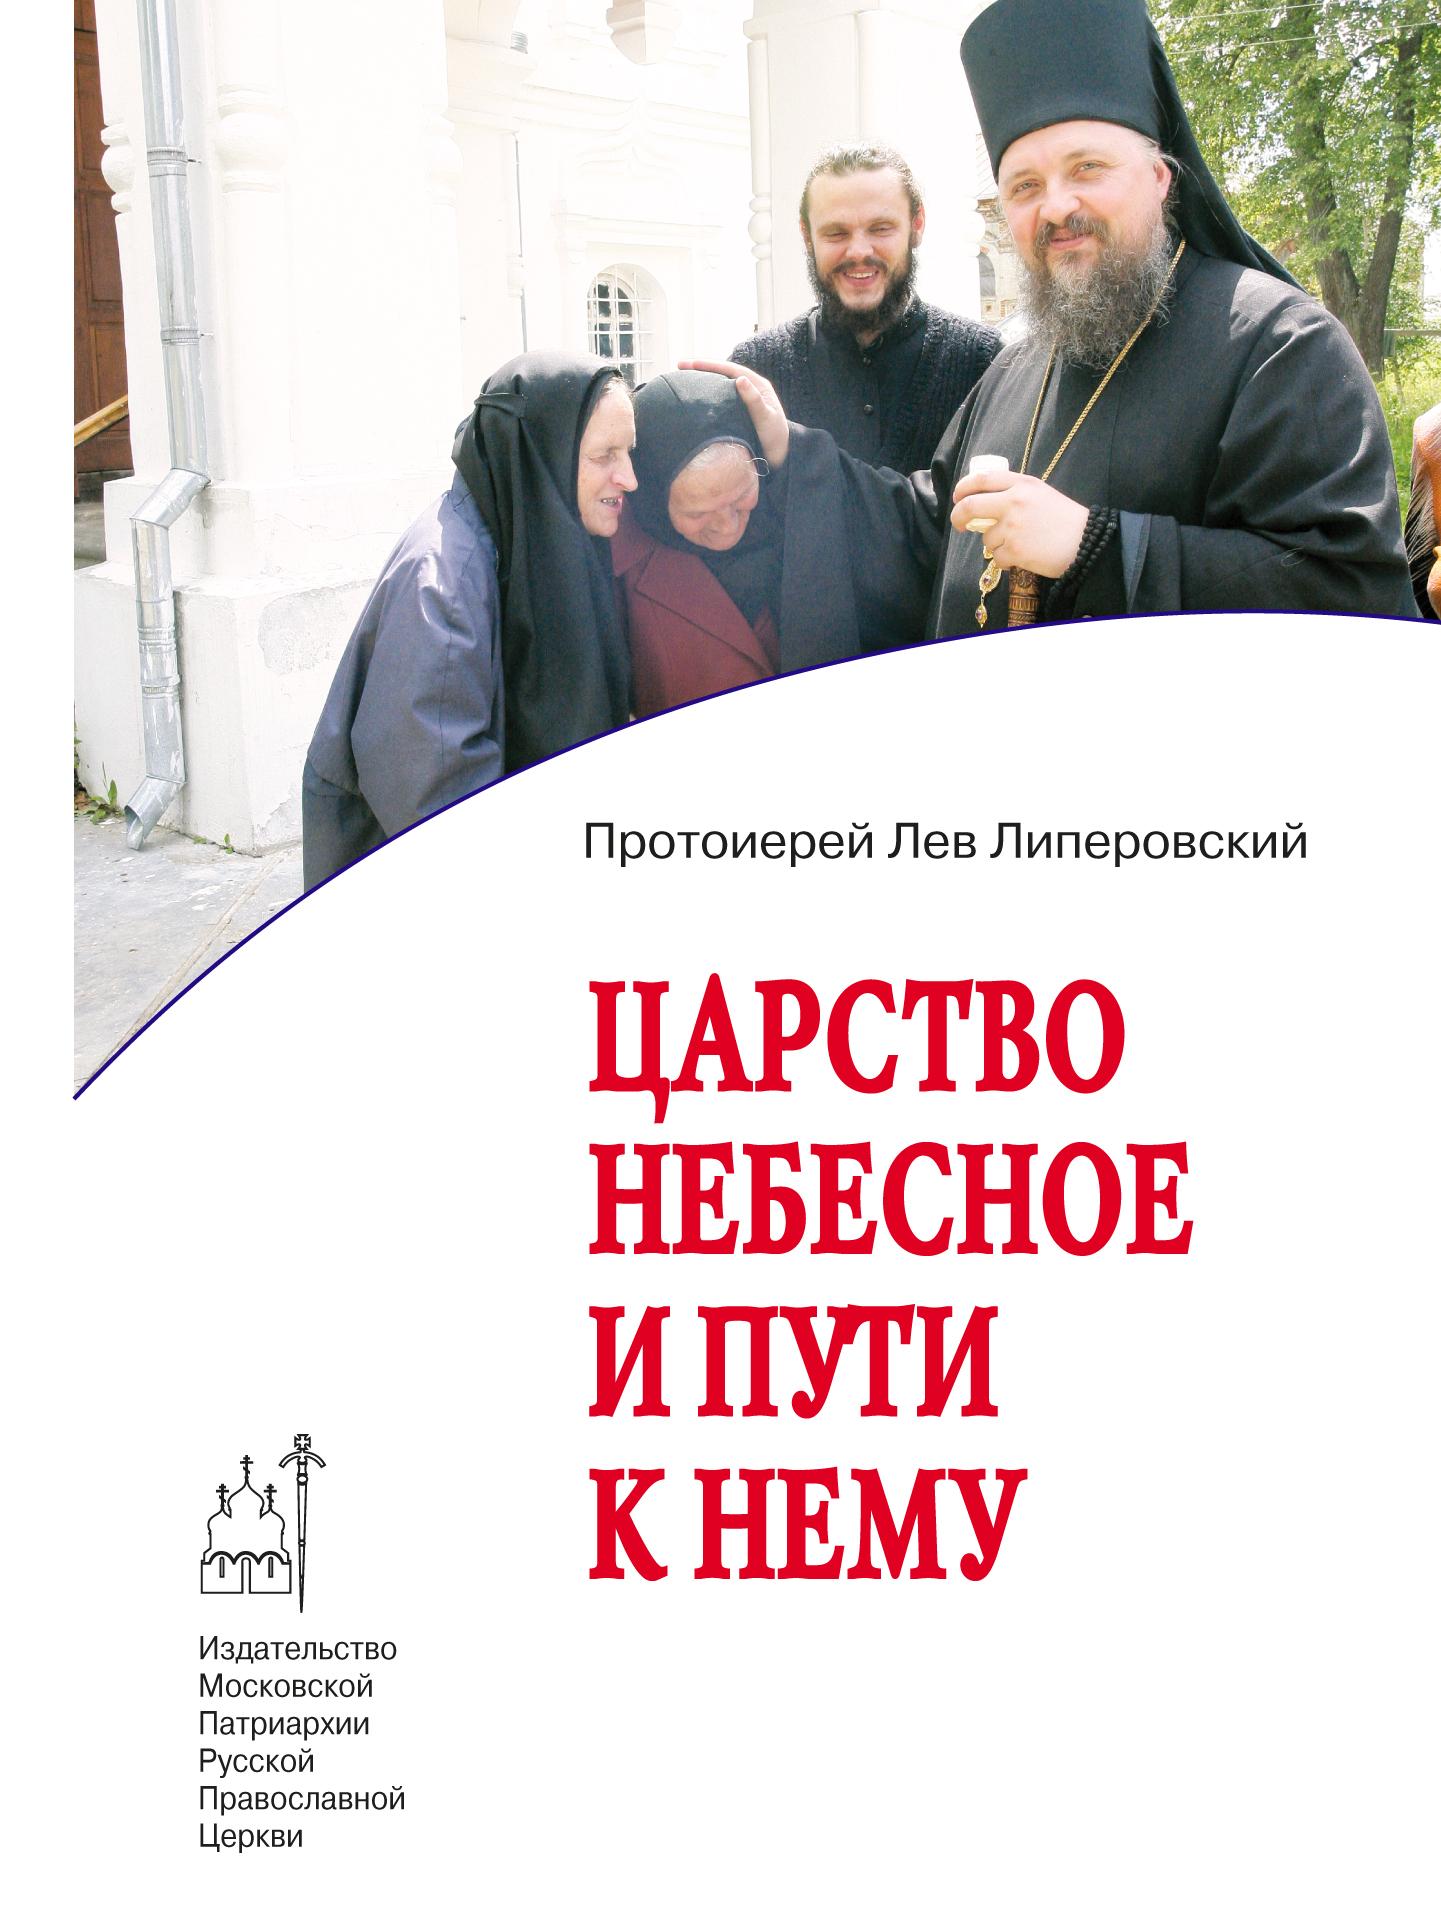 Протоиерей Лев Липеровский Царство Небесное и пути к нему